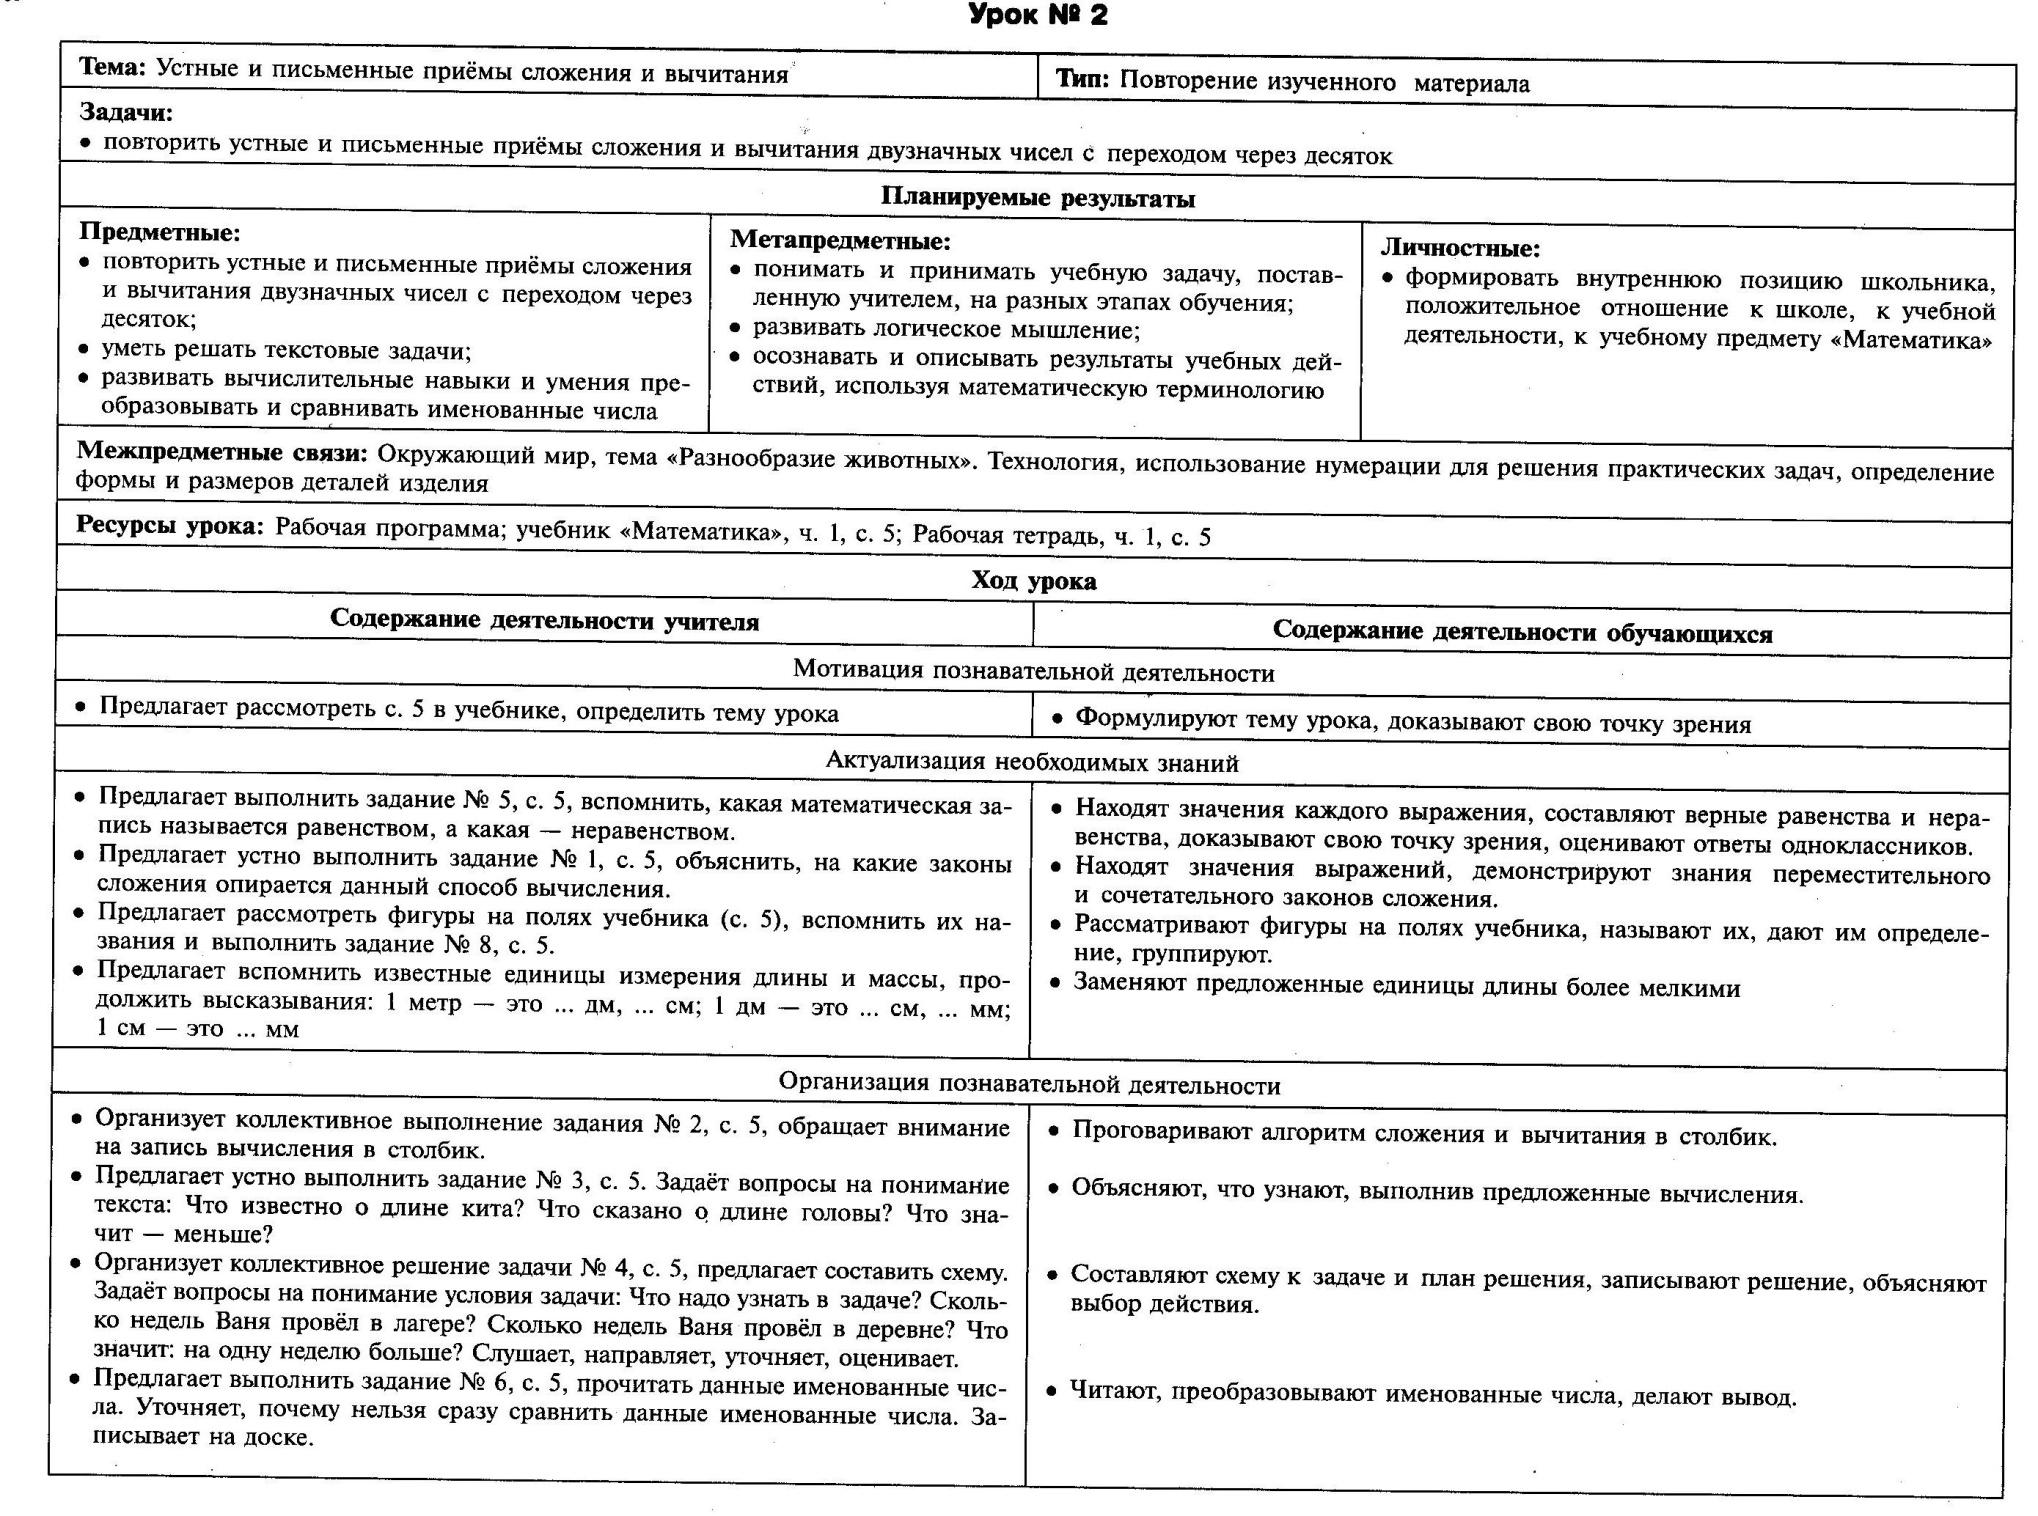 C:\Documents and Settings\Admin\Мои документы\Мои рисунки\1246.jpg